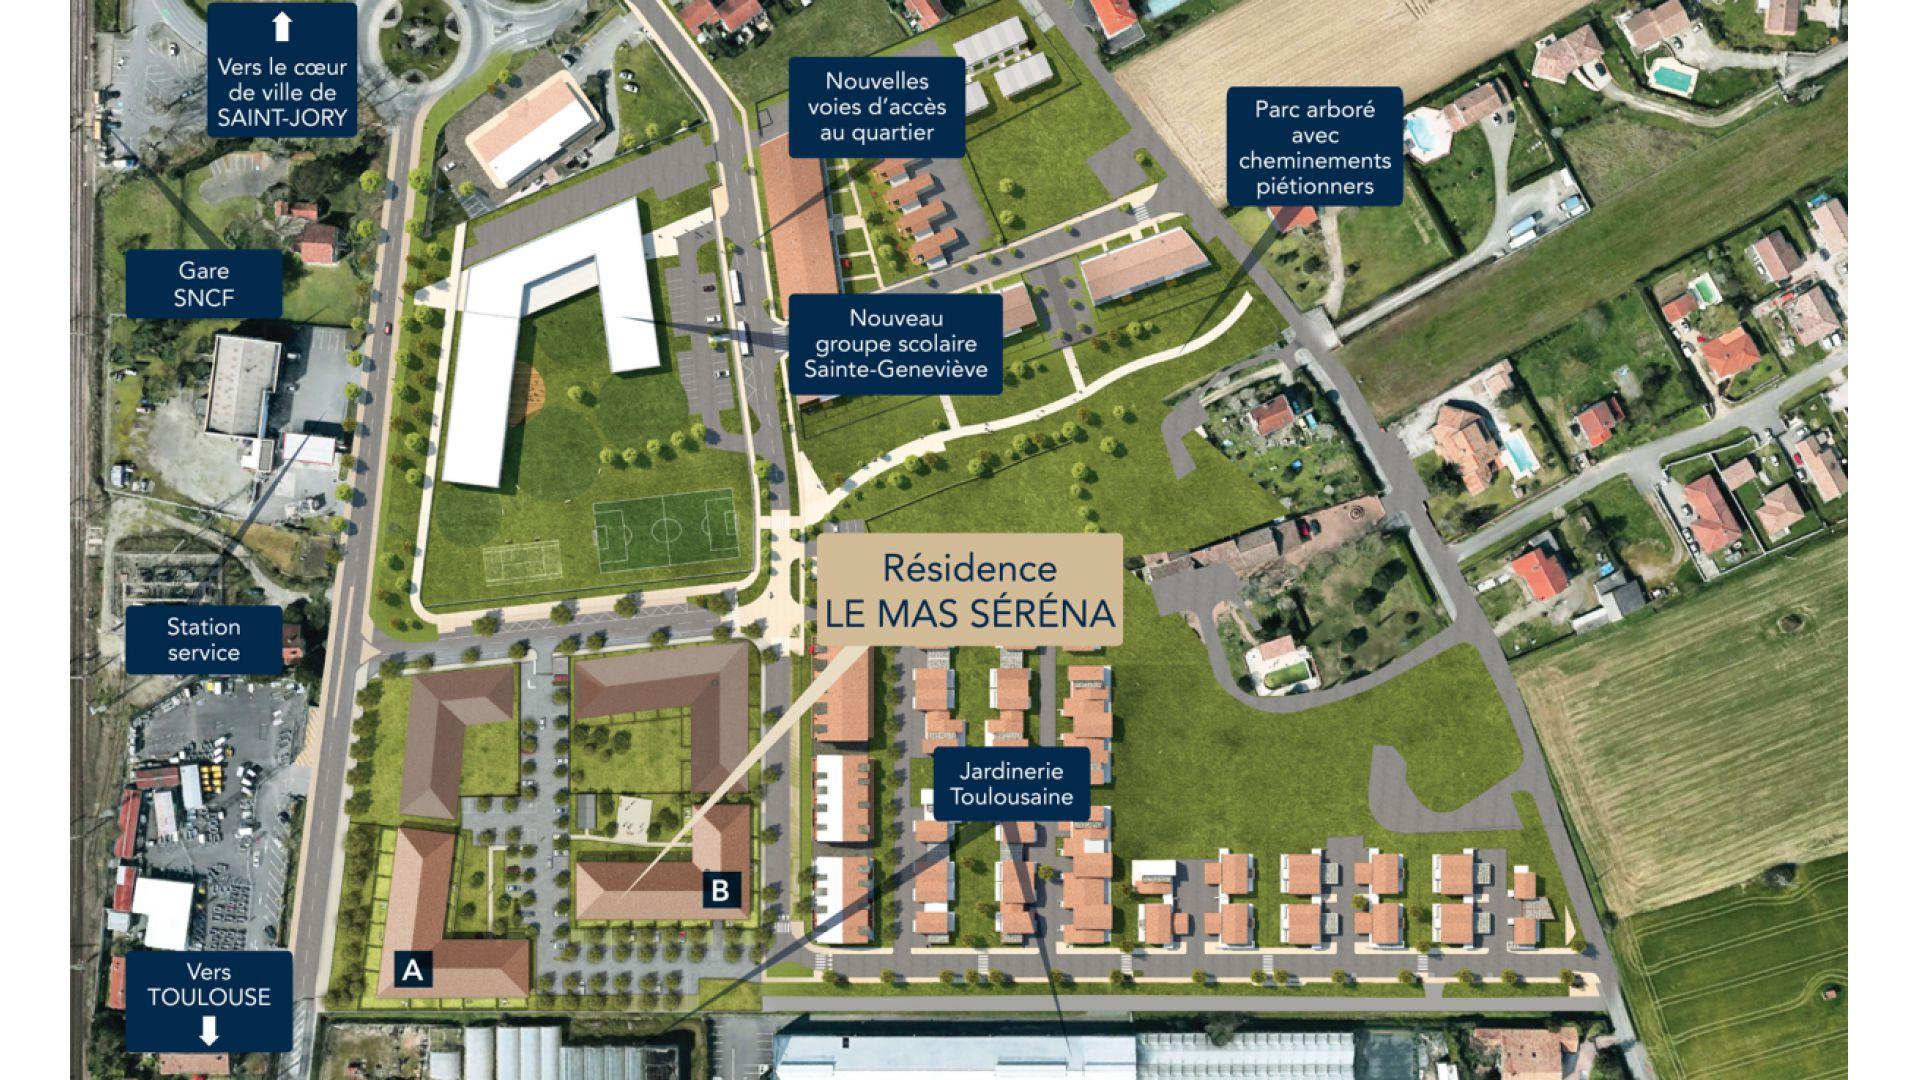 GreenCity immobilier - Saint-Jory - 31790 - Résidence Le Mas Séréna - appartements neufs du T2 au T3  - vue nouveau quartier